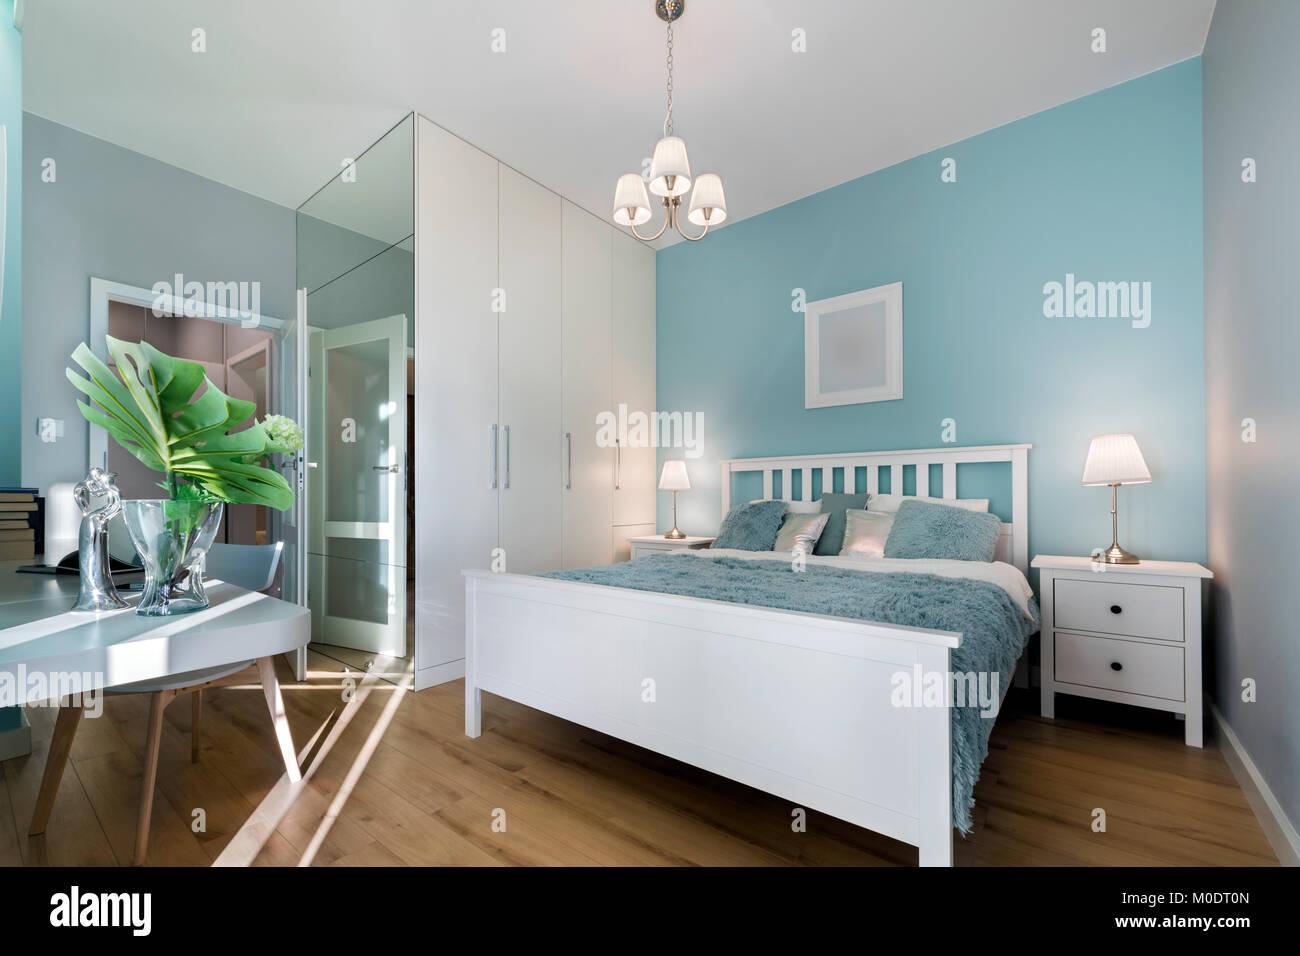 Stilvolle Schlafzimmer Mit Spiegel An Der Wand In Pastellfarben Stockfotografie Alamy